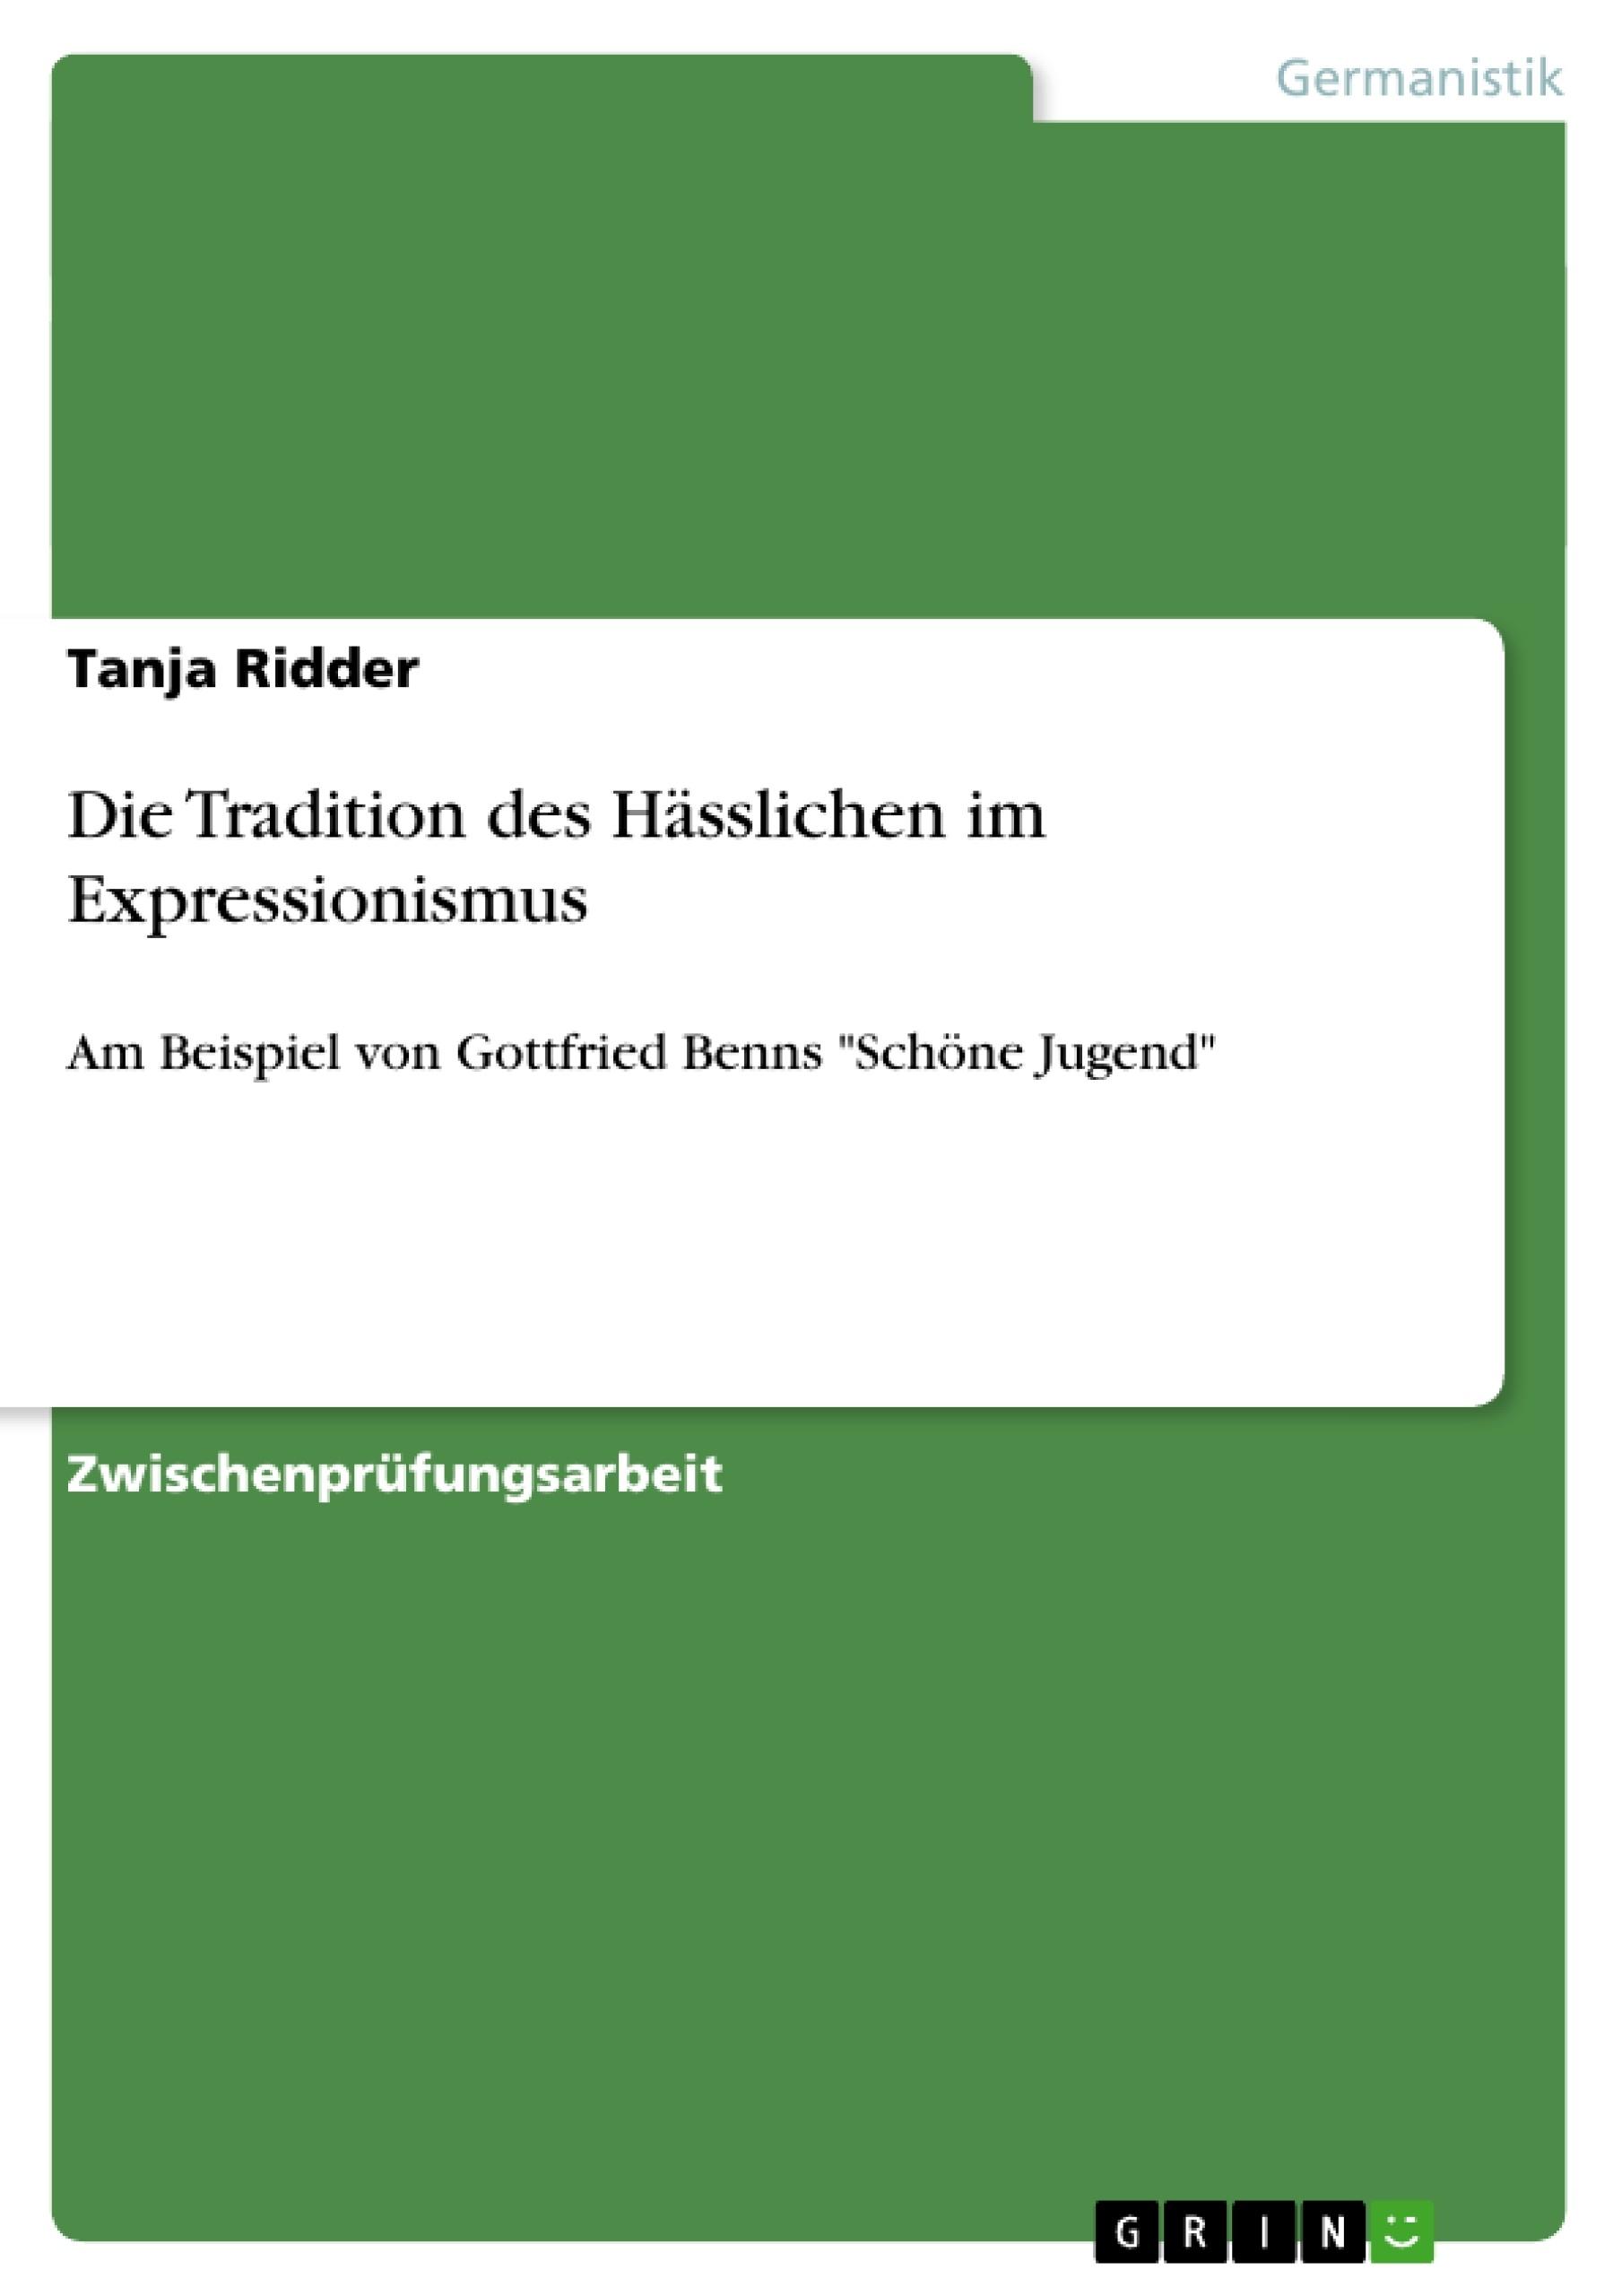 Titel: Die Tradition des Hässlichen im Expressionismus